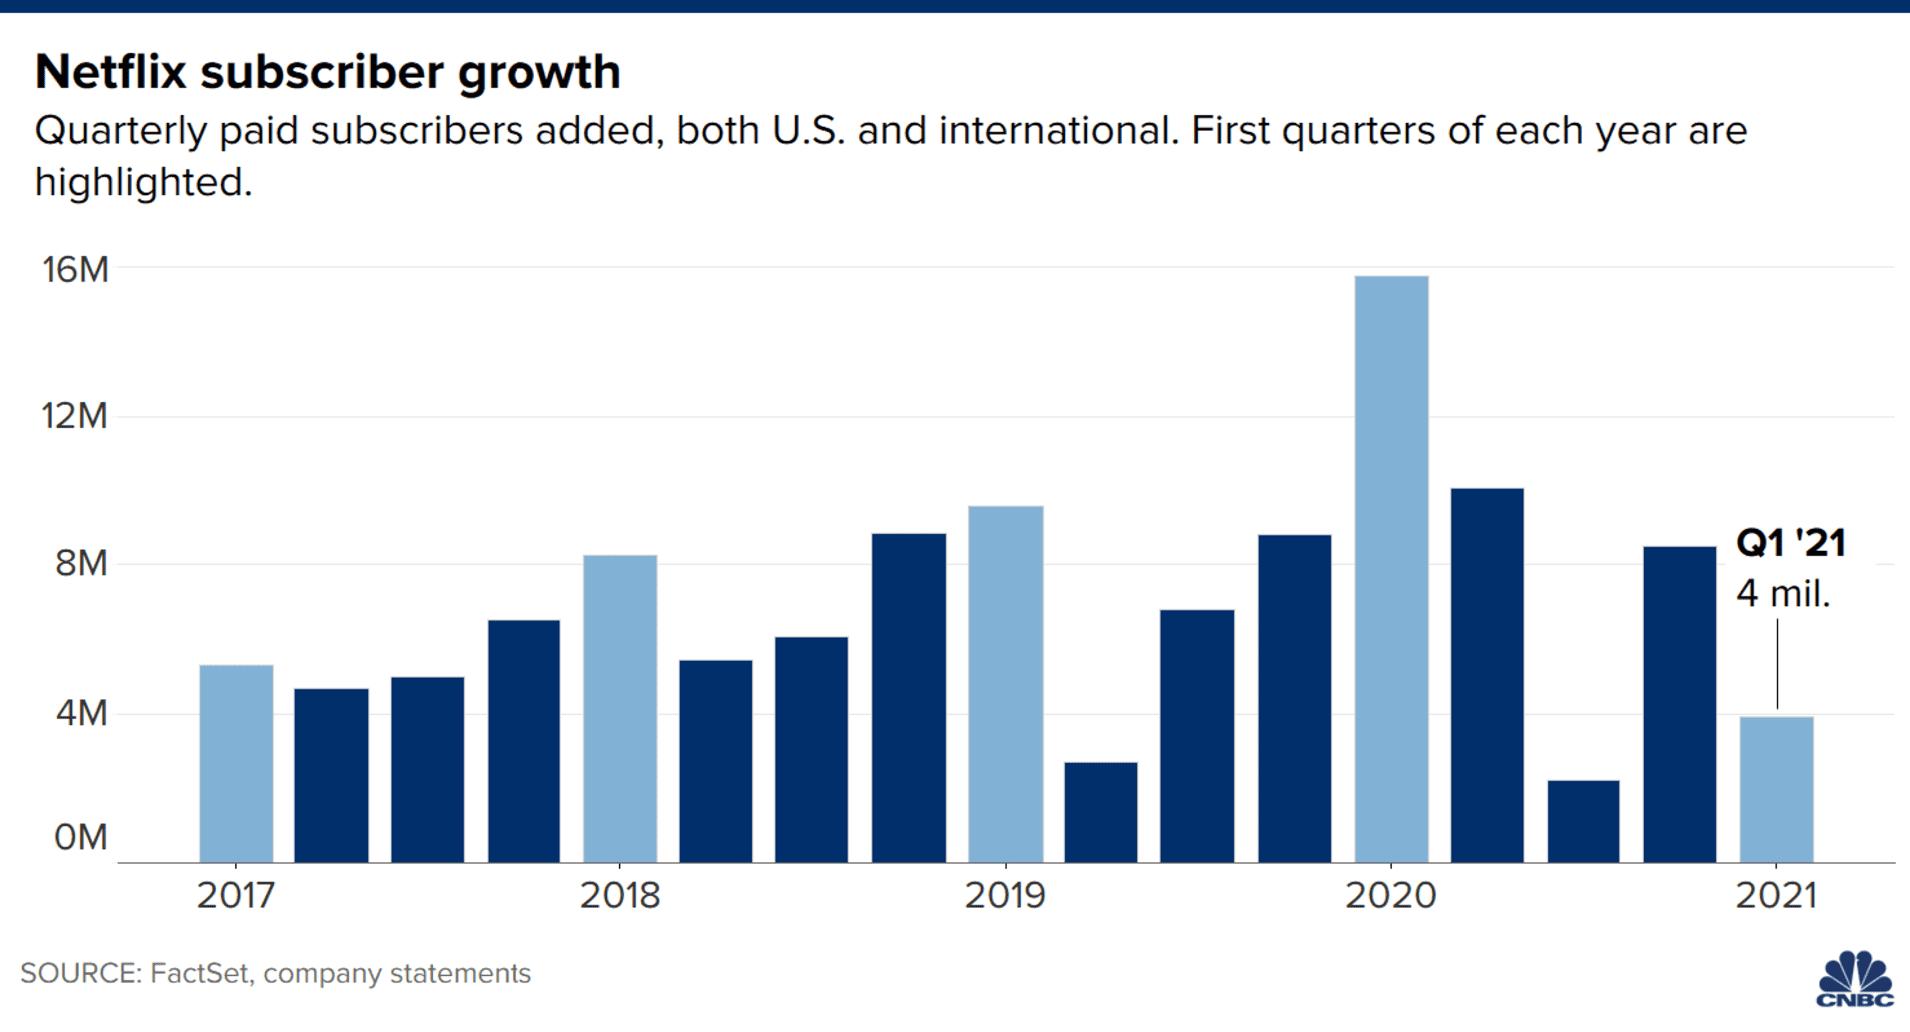 Vývoj růstu počtu předplatitelů v jednotlivých čtvrtletích, zdroj: CNBC